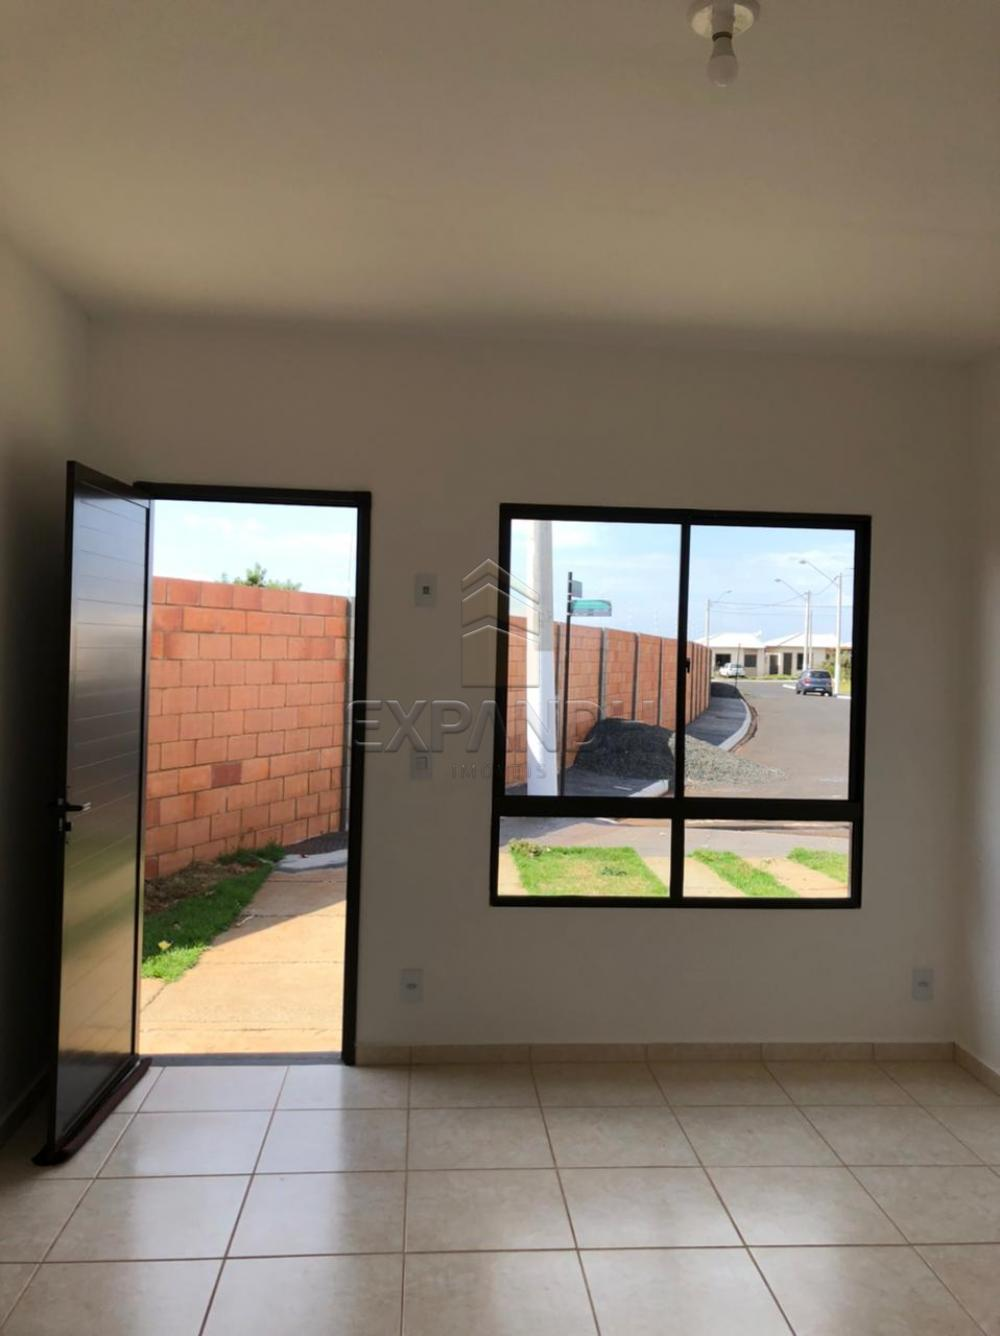 Alugar Casas / Padrão em Sertãozinho R$ 850,00 - Foto 5